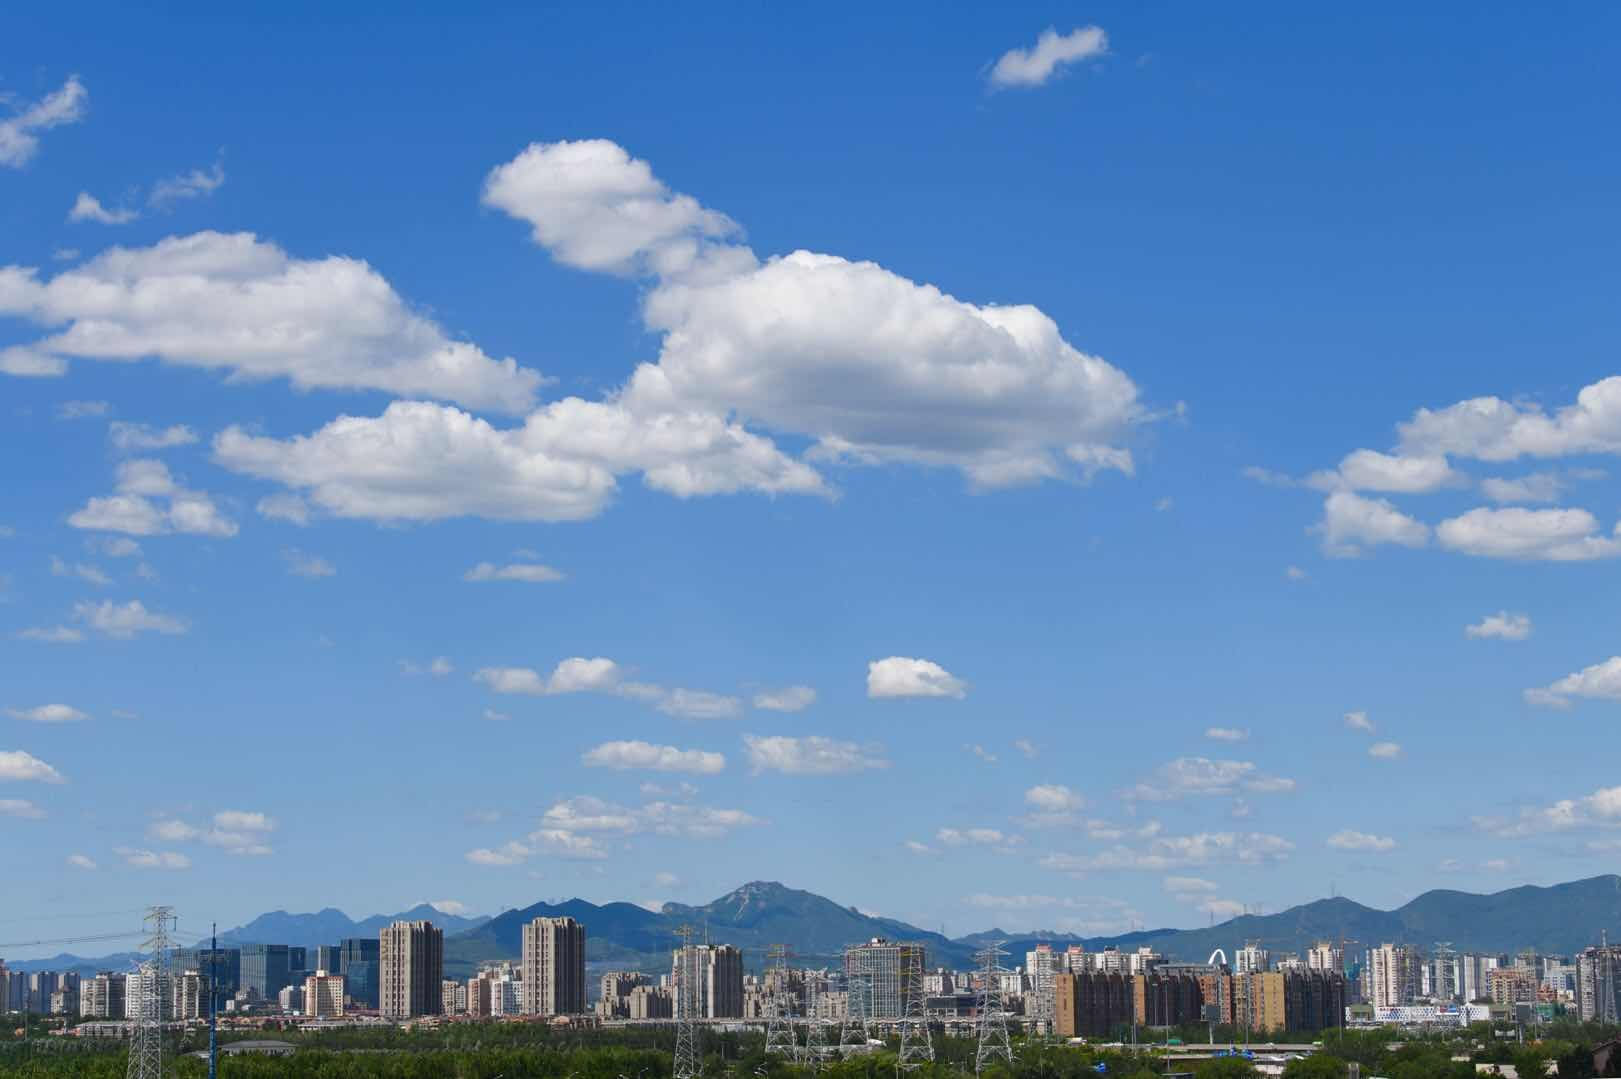 北京的蓝天白云刷屏朋友圈,北京的天气环境越来越好了